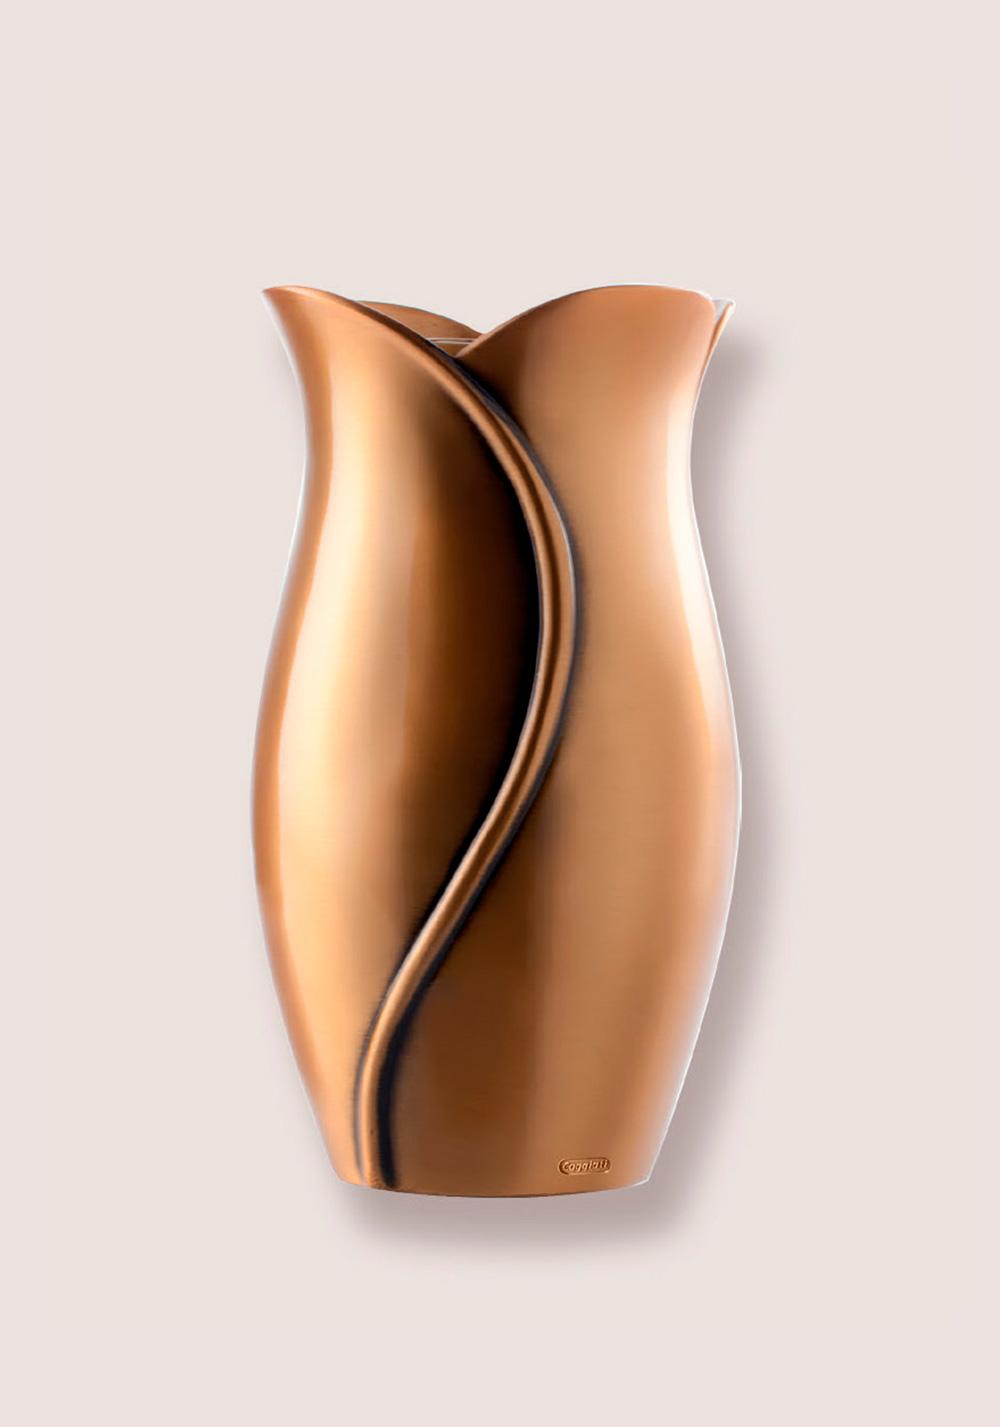 lampada-bronza-cagriatti (2)